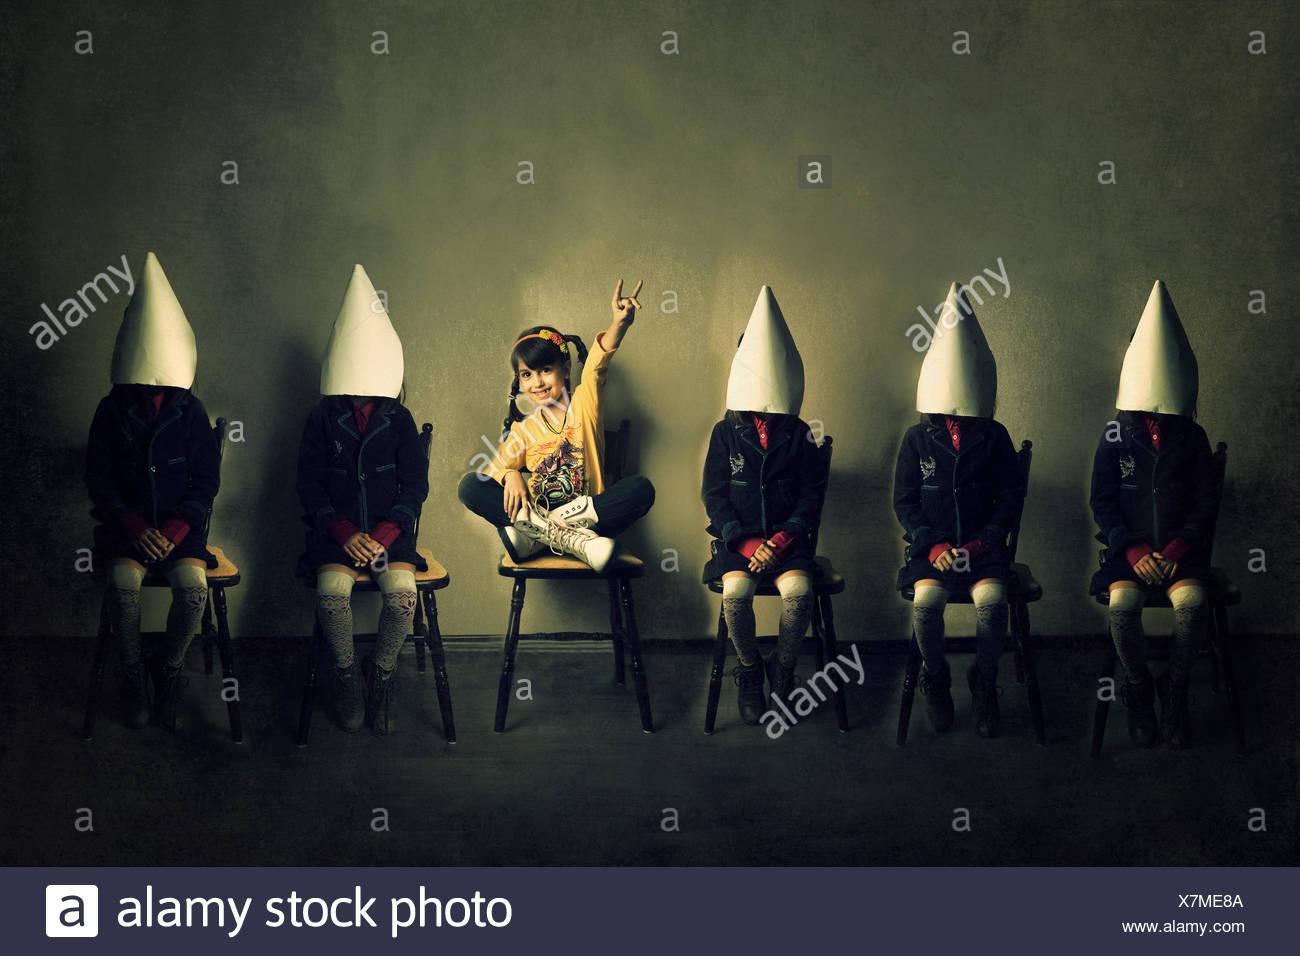 Fille dans des vêtements décontractés assis sur une chaise entre cinq filles portant des uniformes Banque D'Images